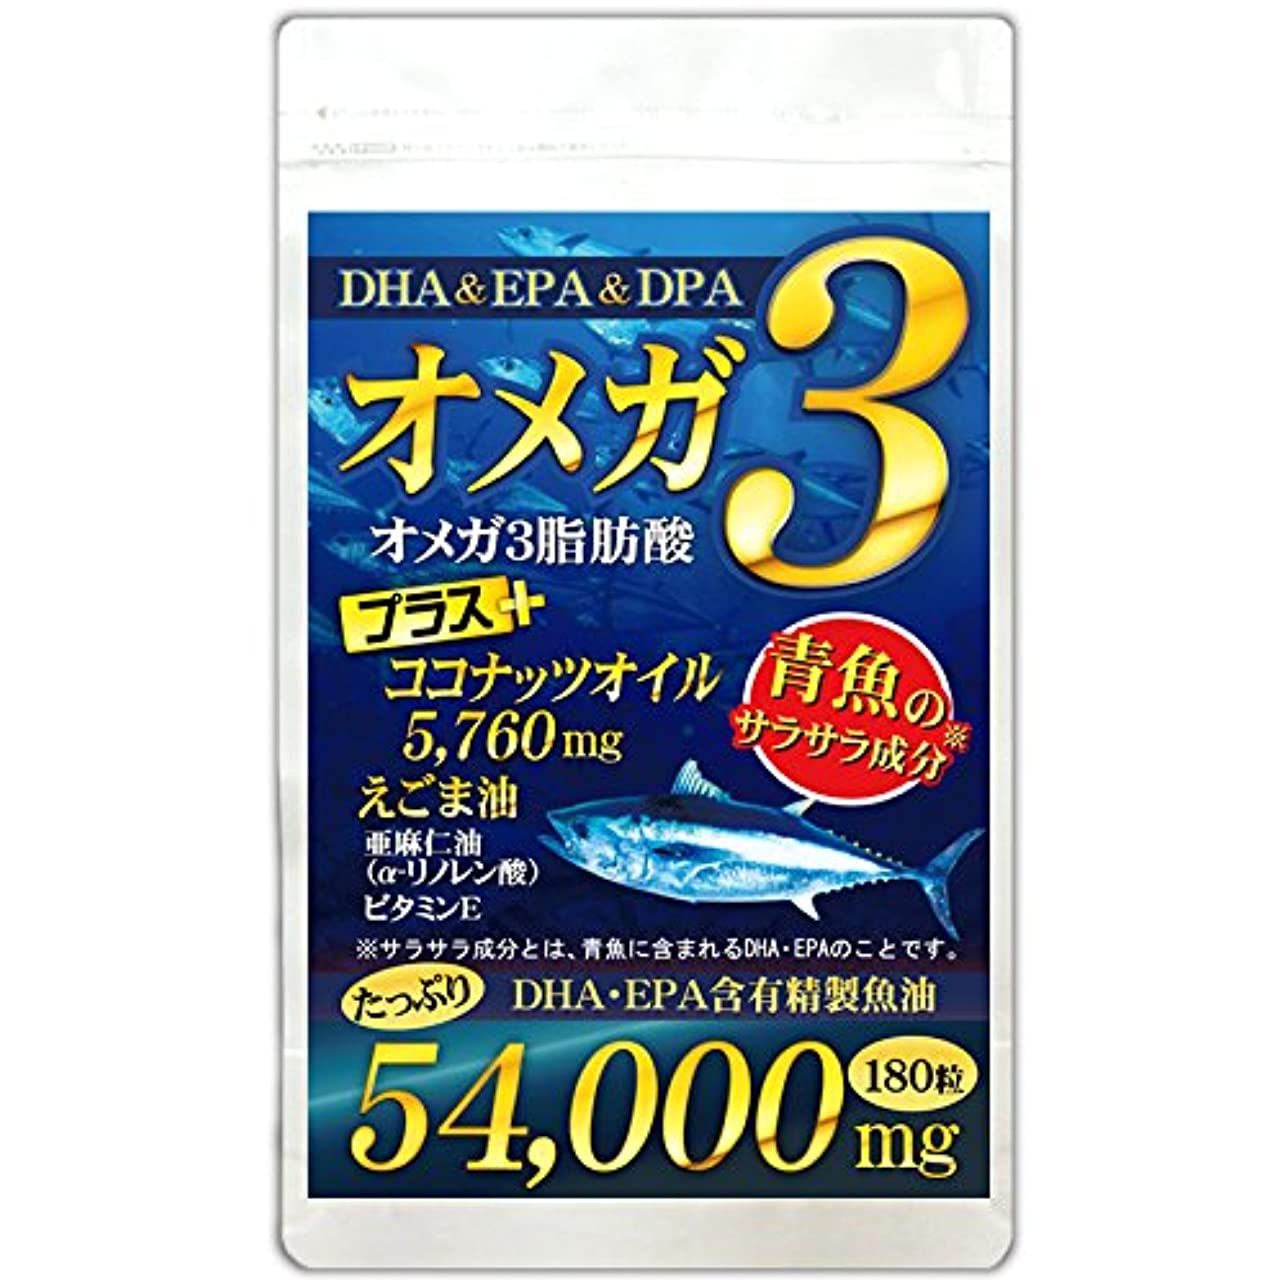 お手入れフェッチ明らかにする(大容量:約6ヵ月分/180粒)超高配合!4種オメガ3(DHA+EPA+DPA+α-リノレン酸)+ココナッツオイル